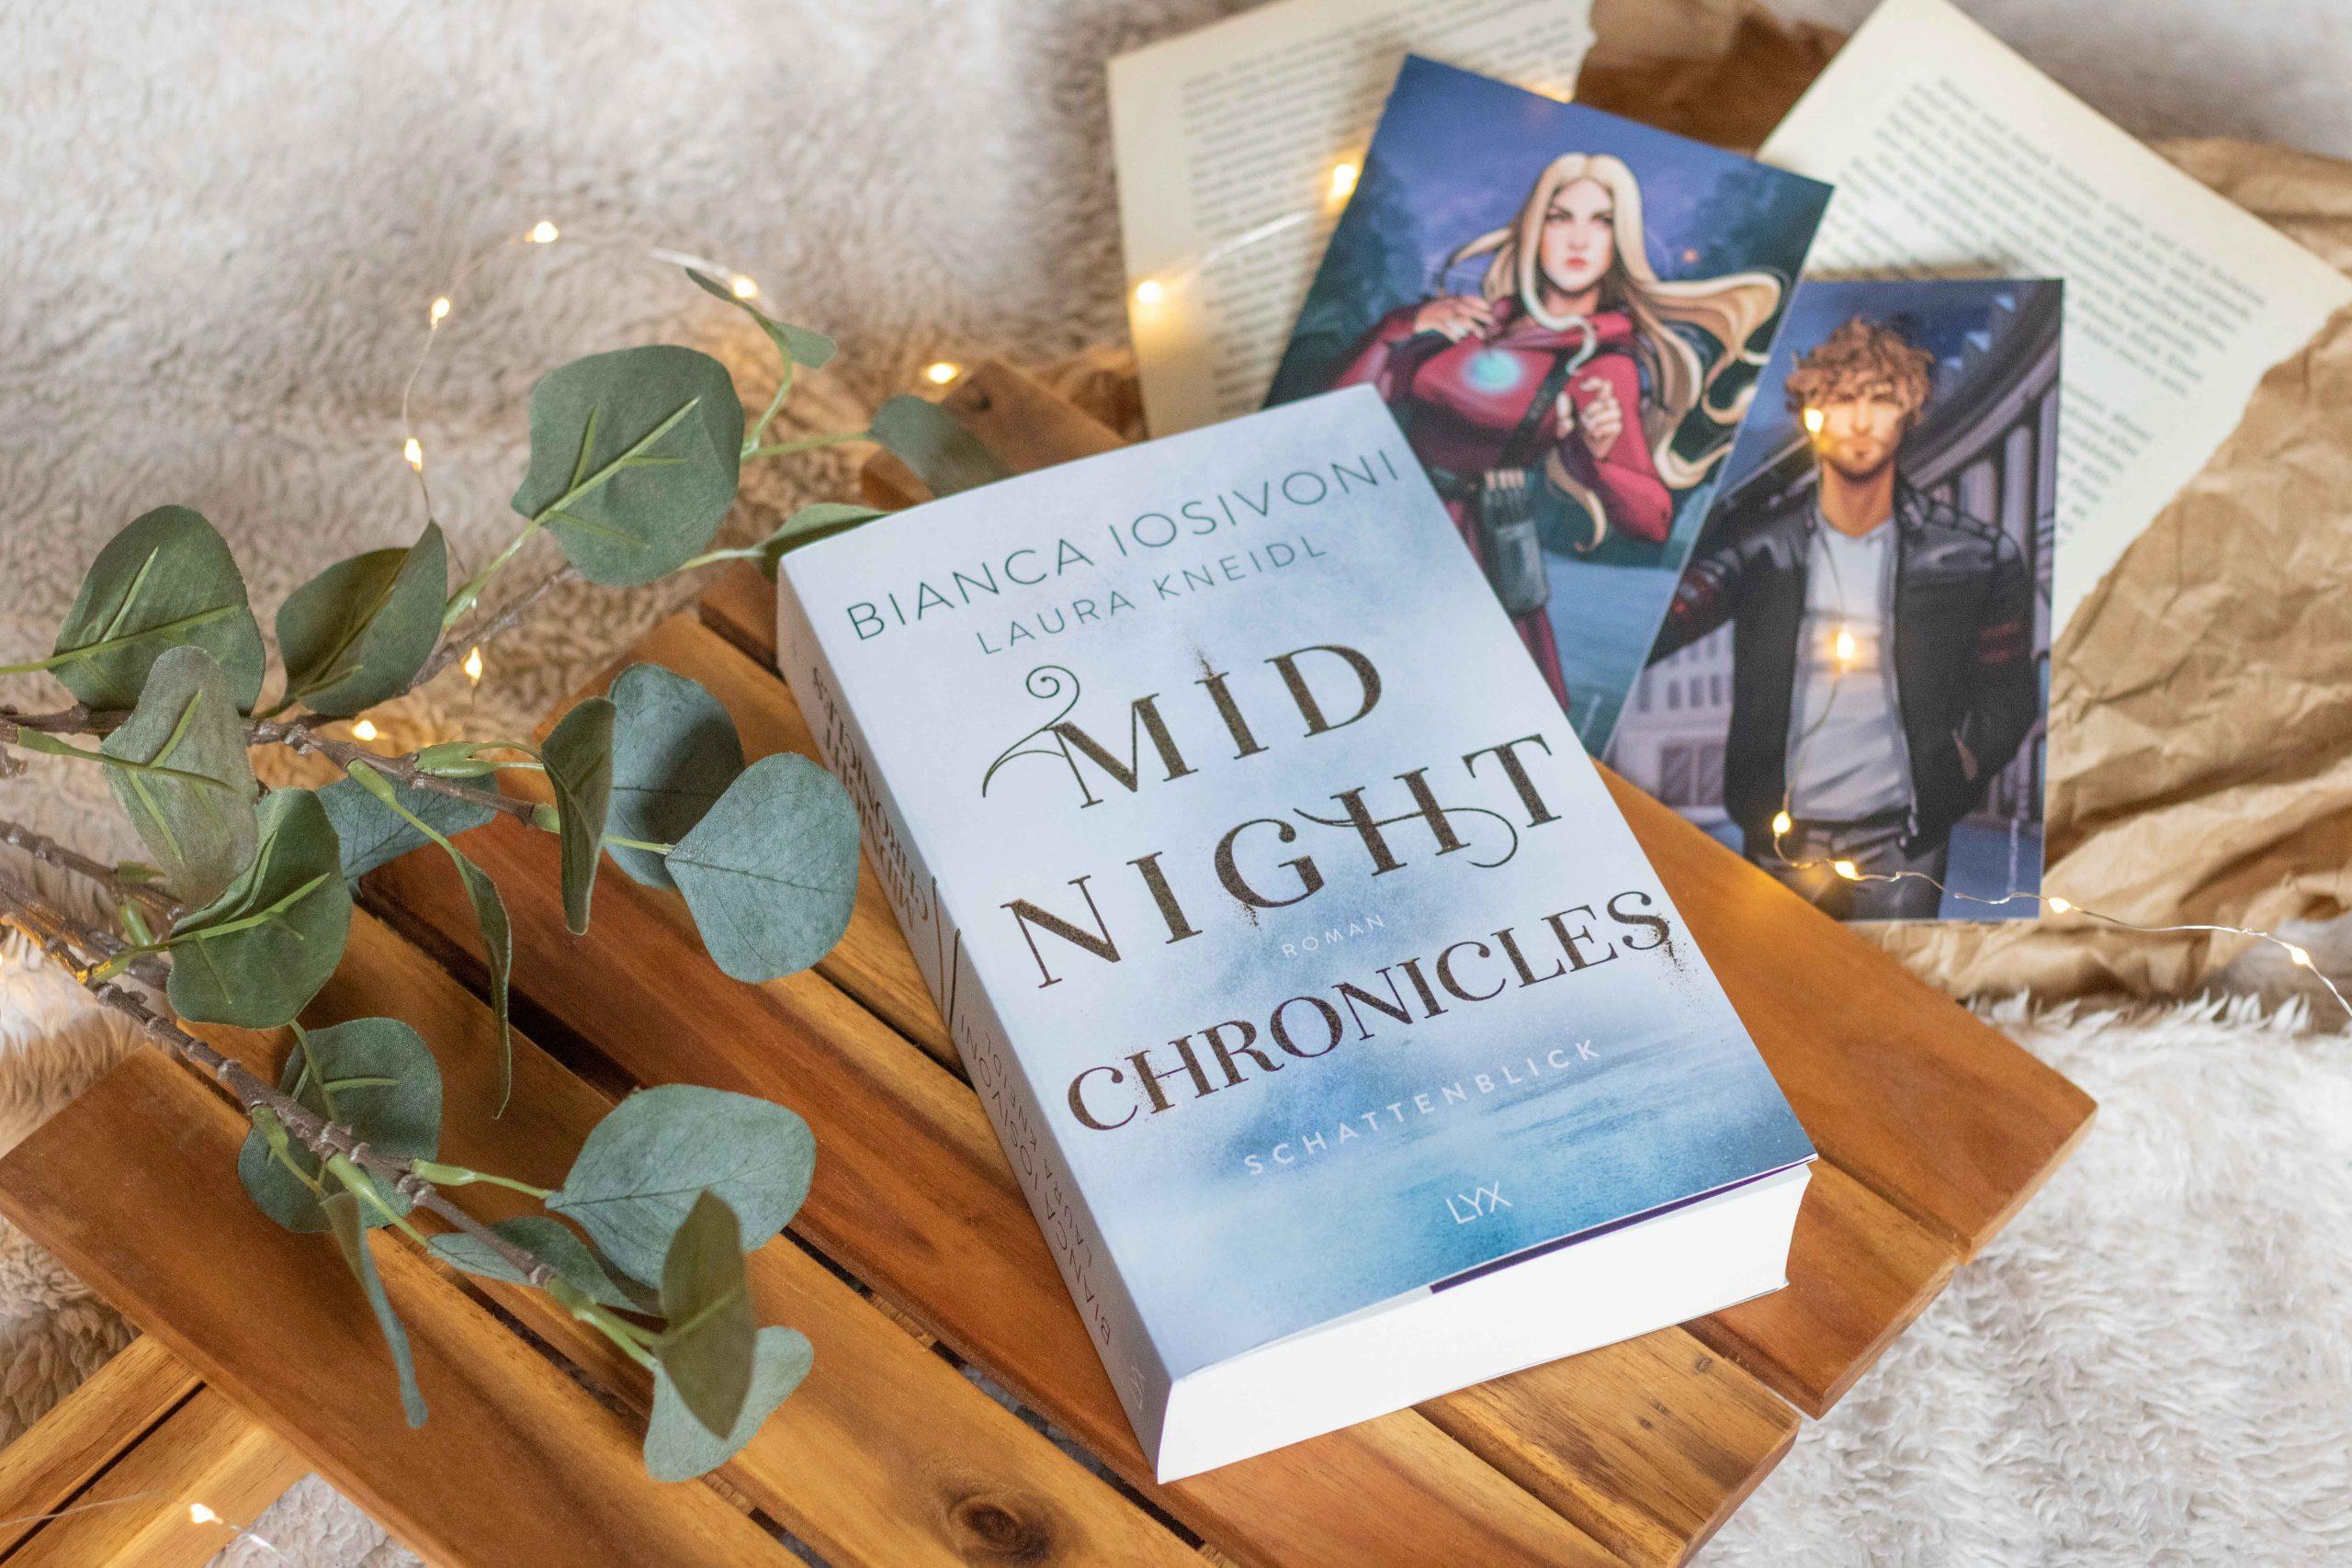 Schattenblick – Midnight Chronicles #1   Bianca Iosivoni